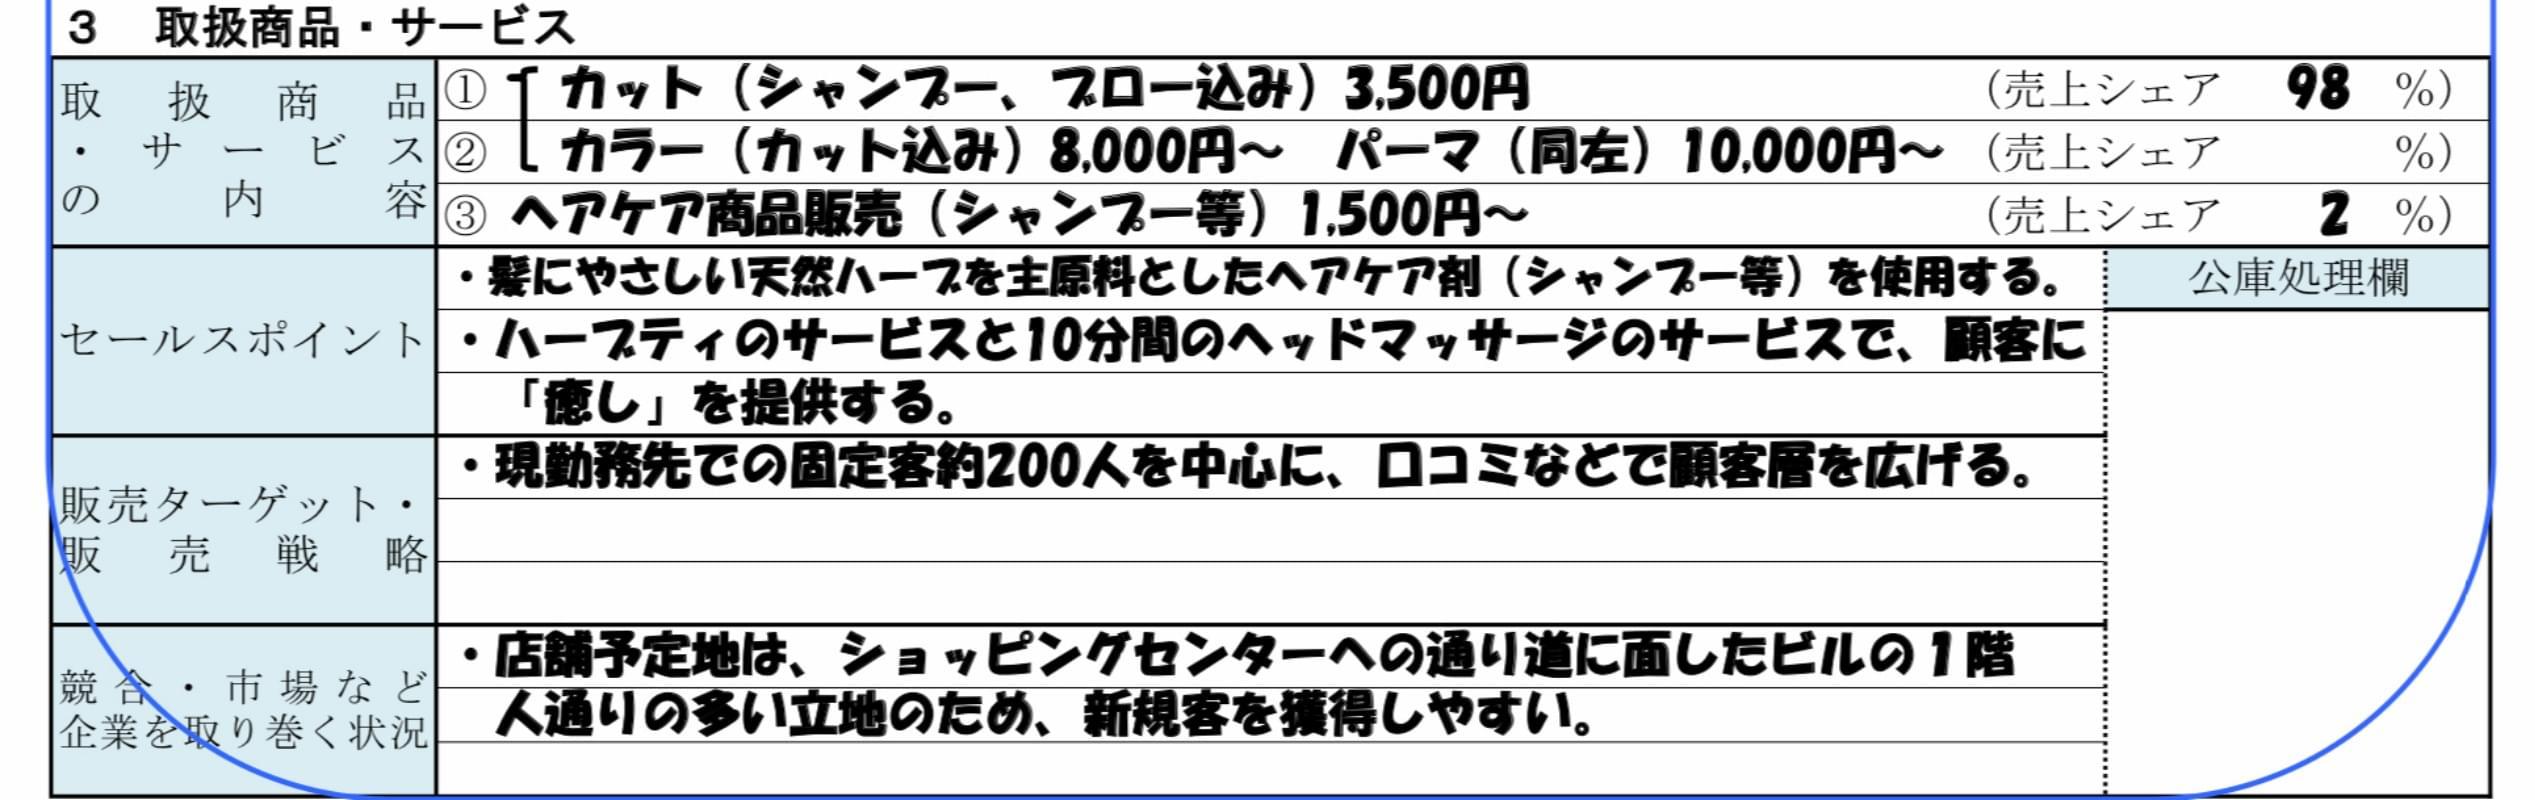 image14(1)